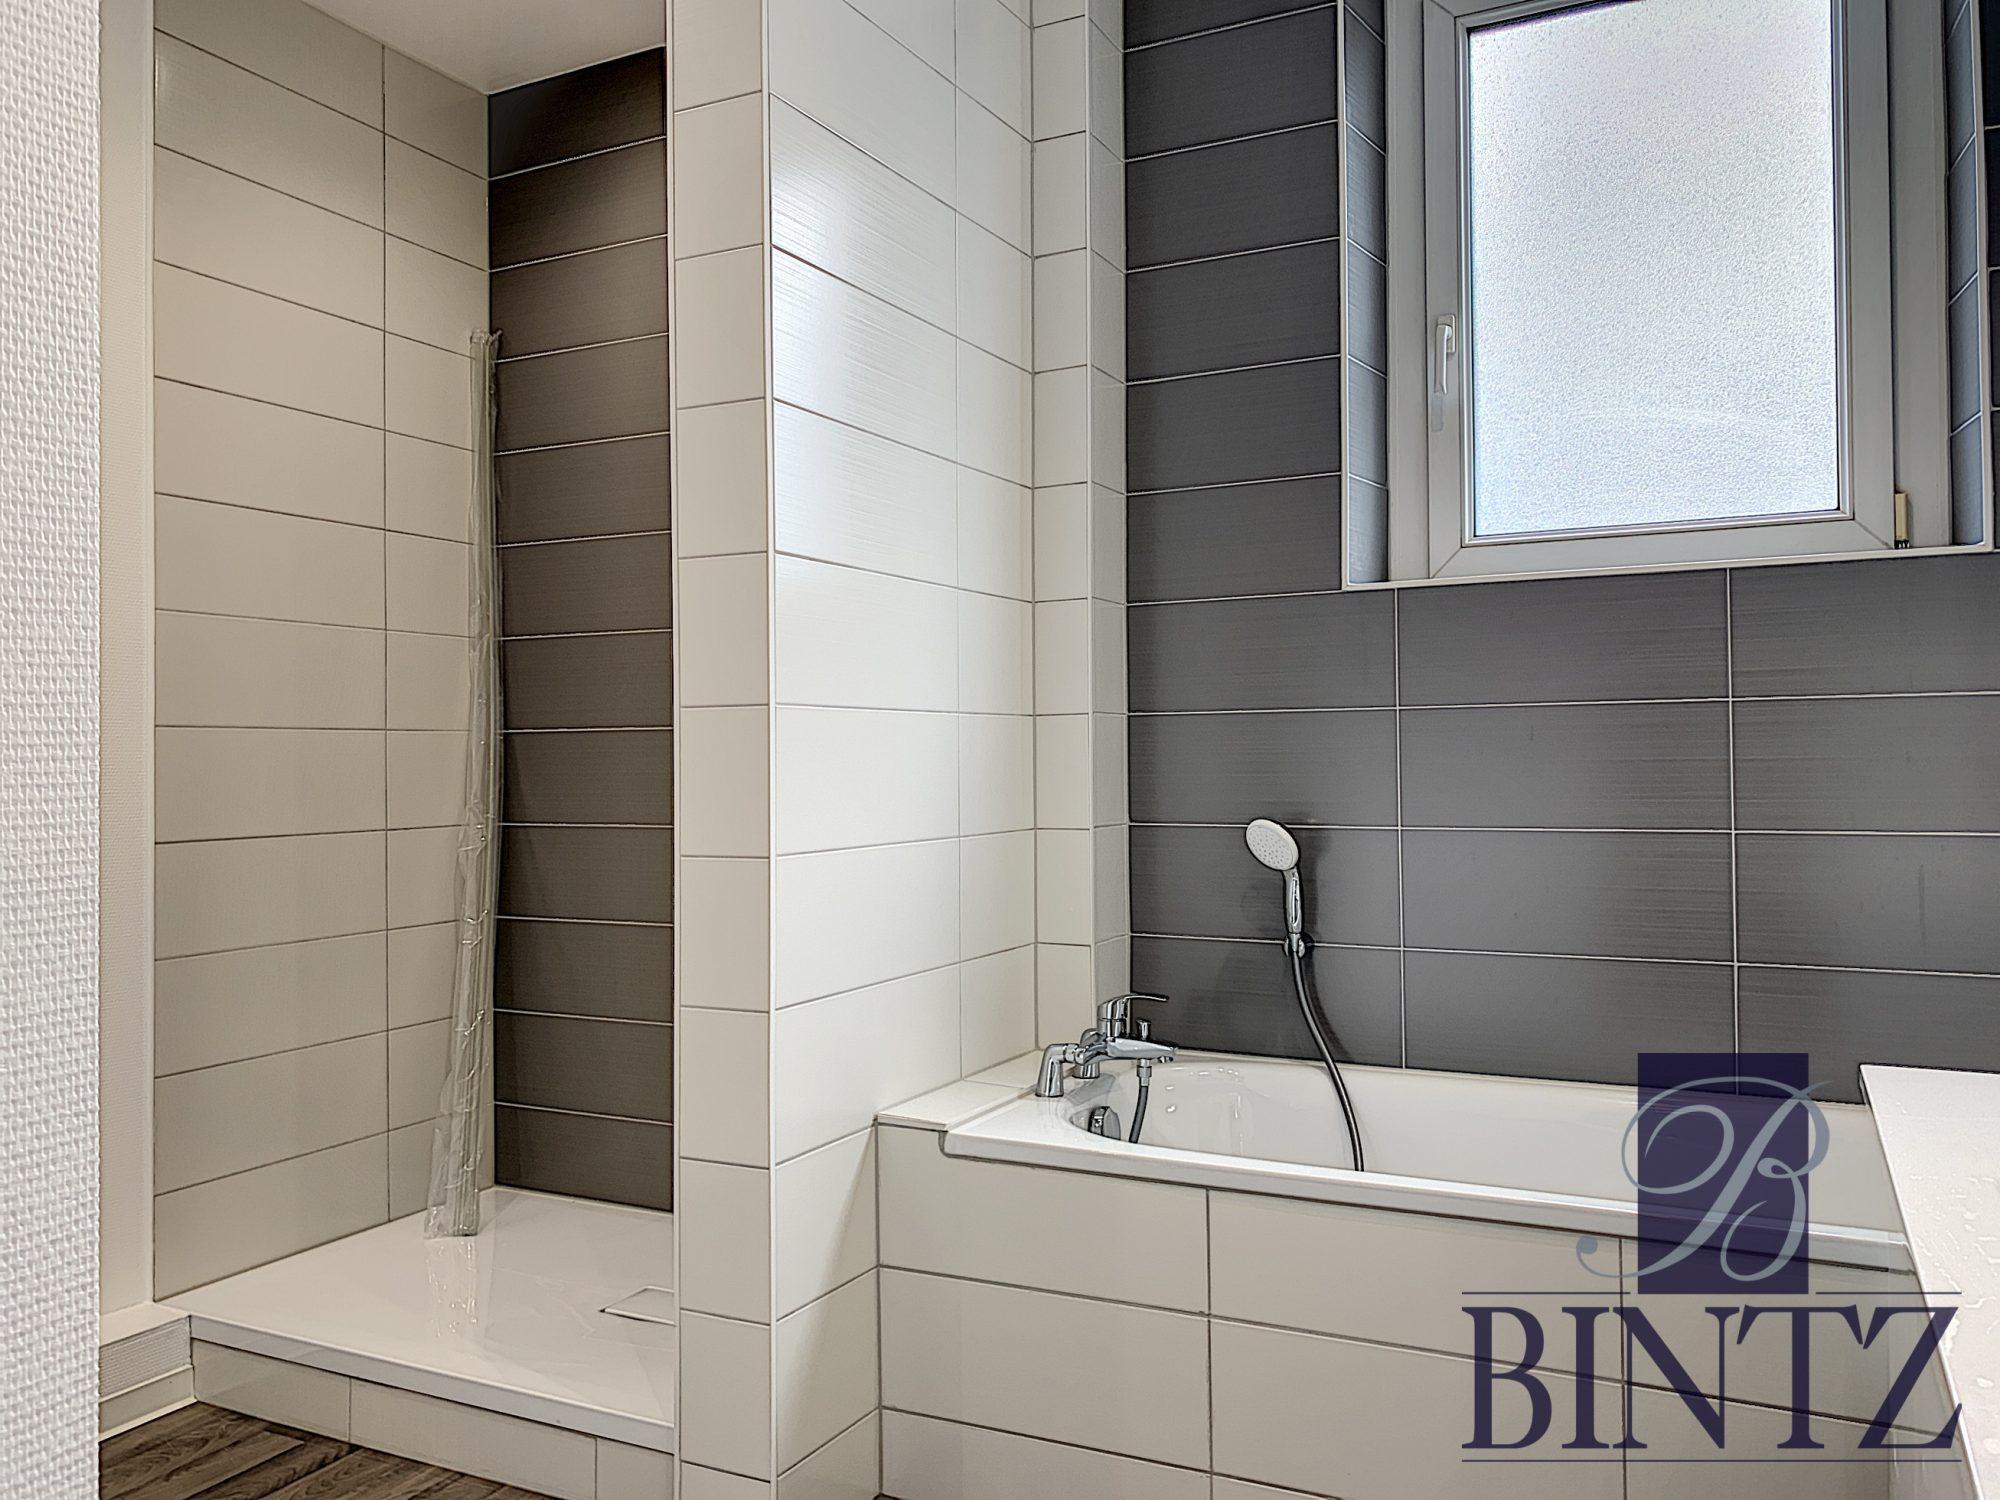 GRAND 4 PIÈCES RÉNOVÉ À NEUDORF - Devenez locataire en toute sérénité - Bintz Immobilier - 8